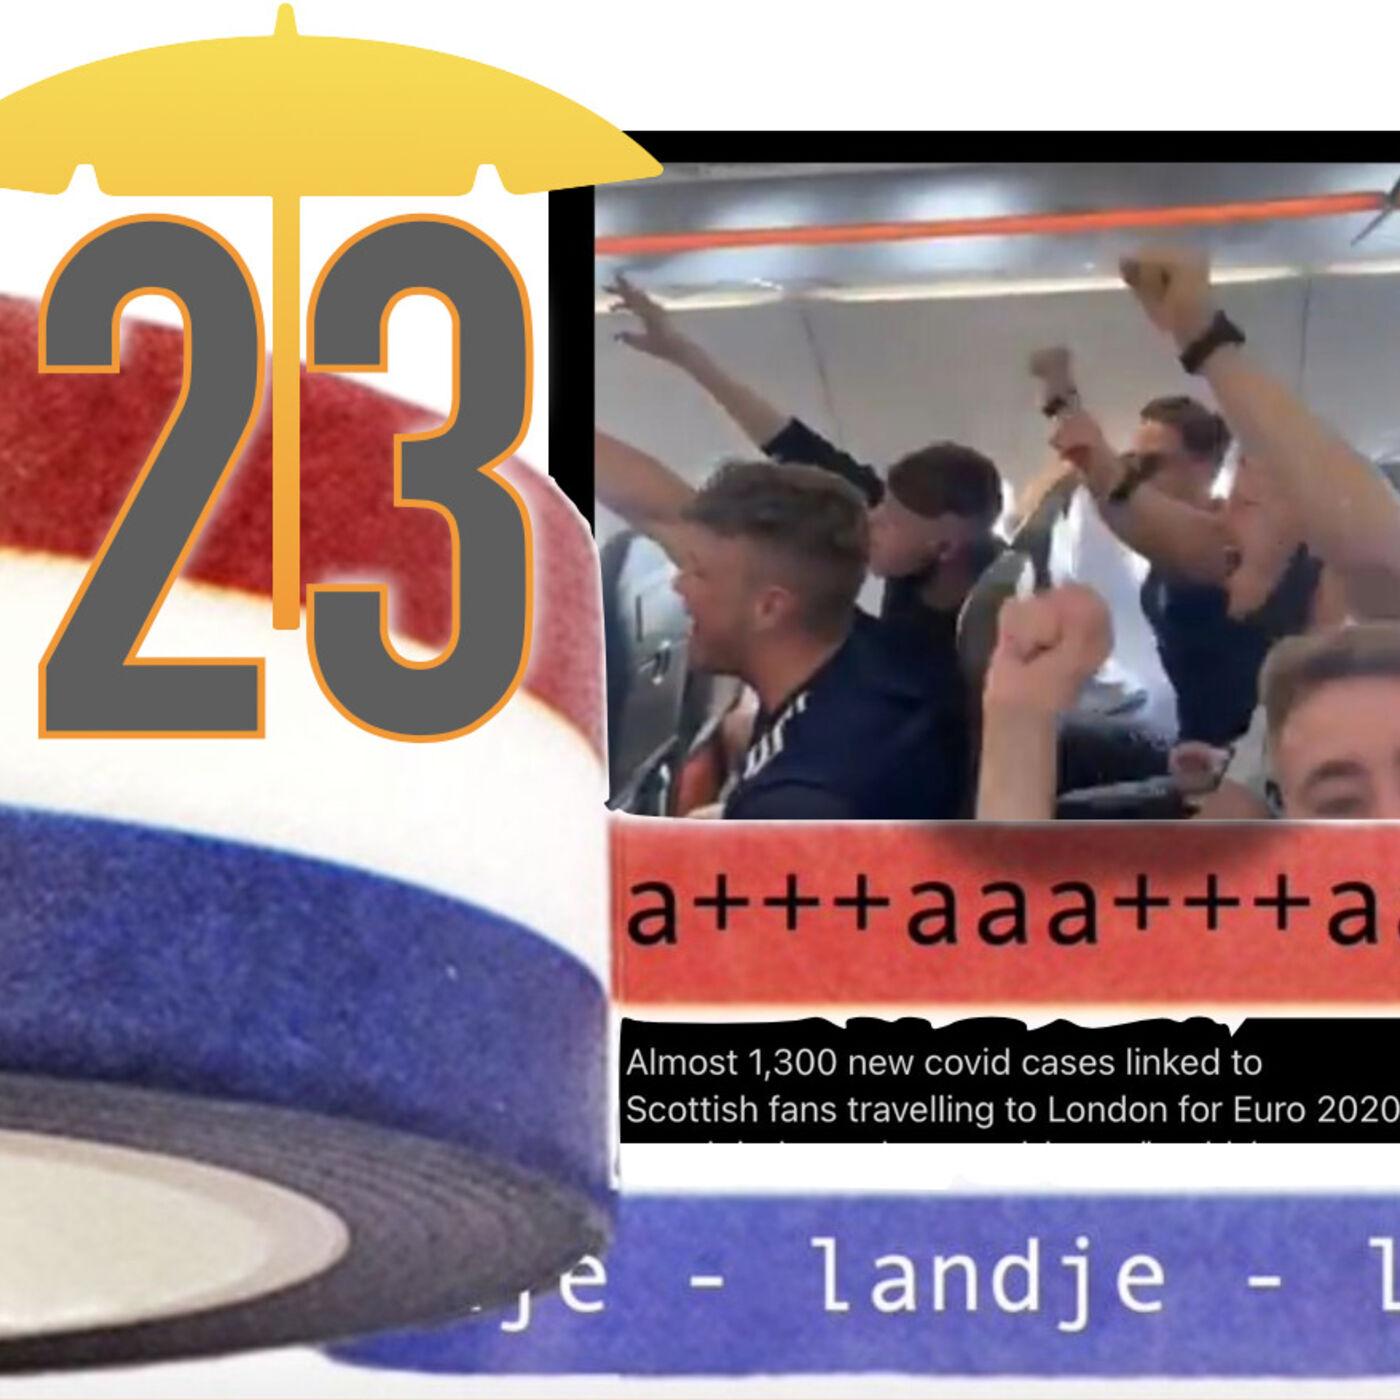 23 - Prik Afrika, niet onze pubers: want omdat het kabinet op vakantie wil, zit jij na de vakantie weer thuis een dvd te kijken